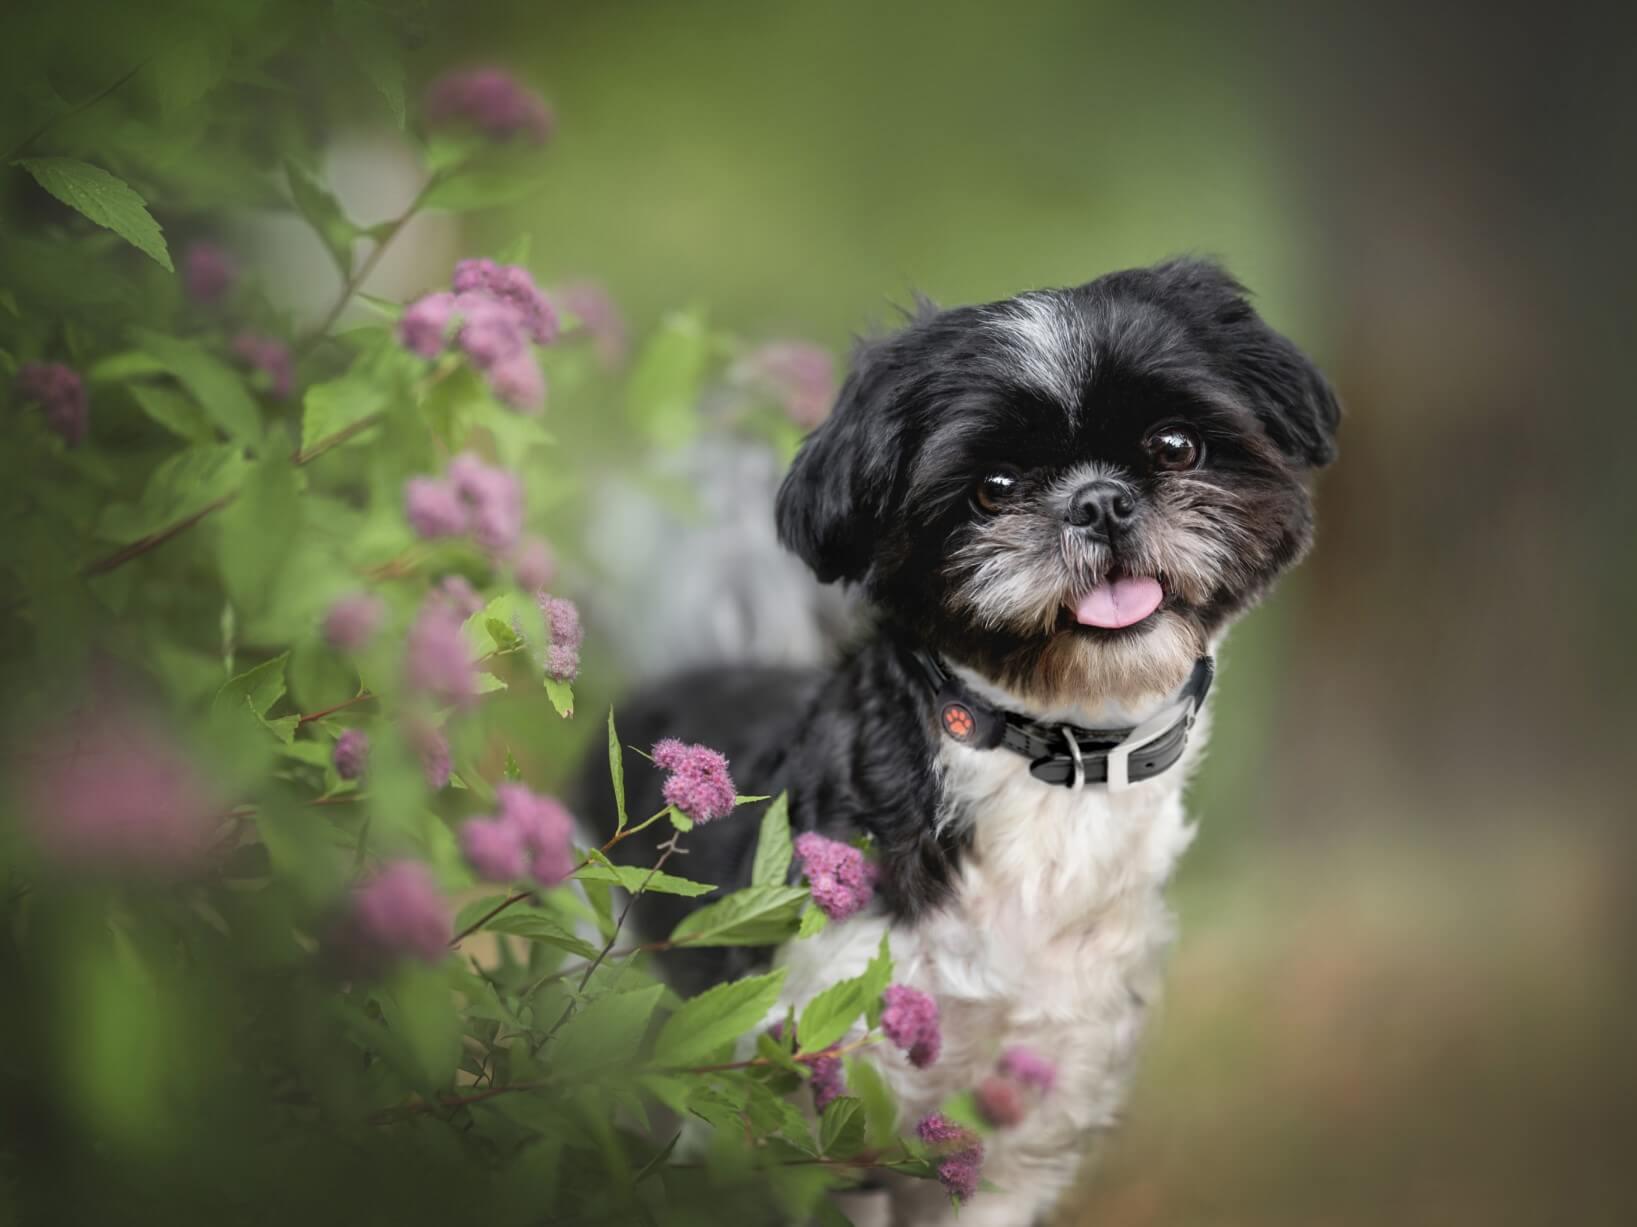 Shih Tzu in garden next to pink flowers